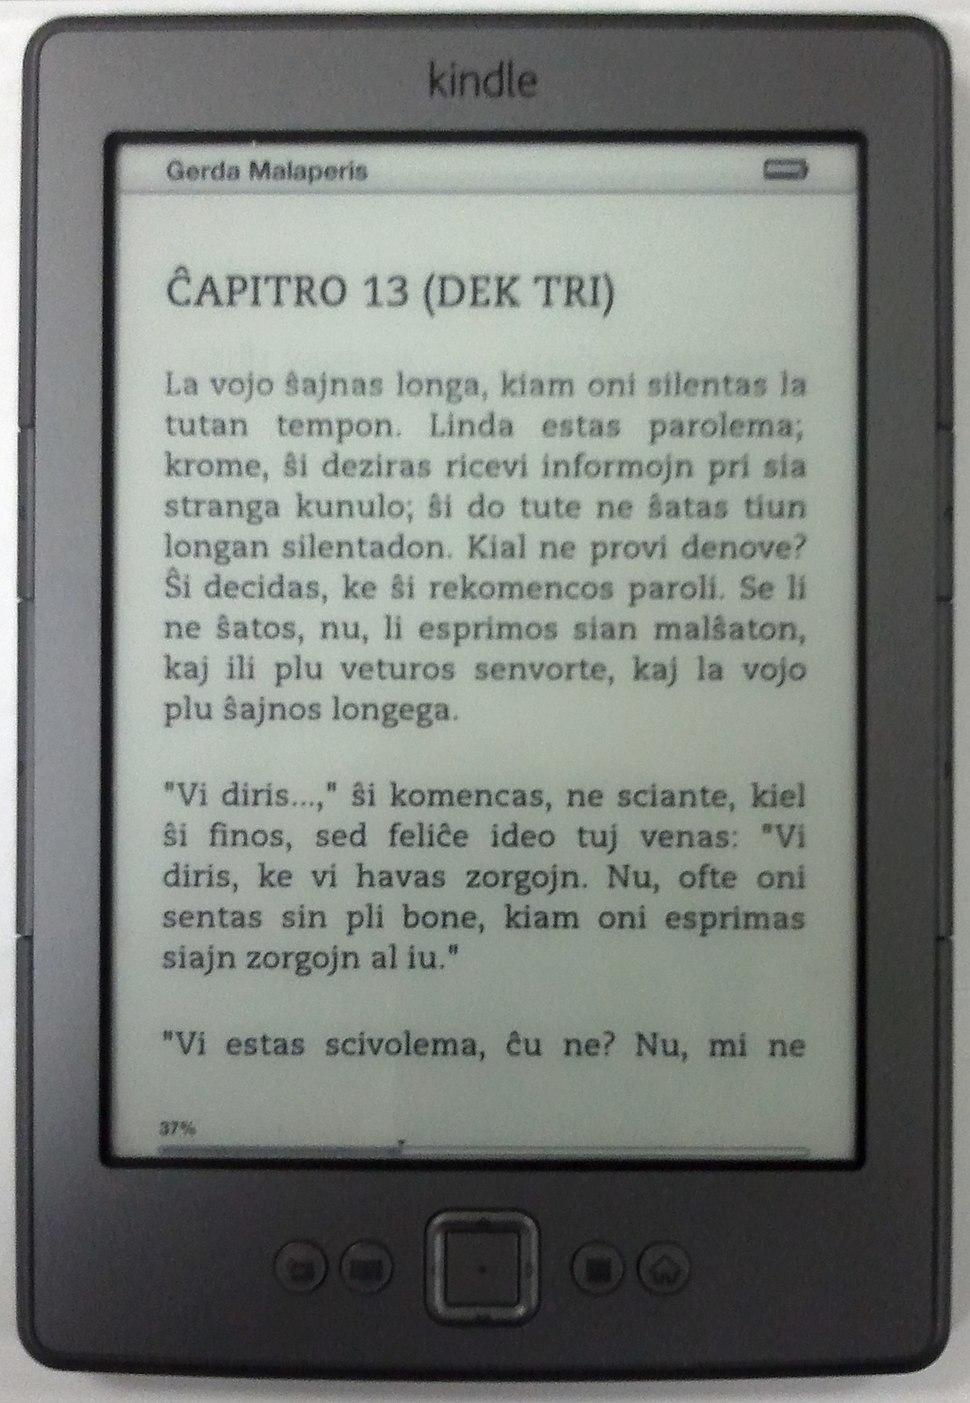 Amazon Kindle - Howling Pixel